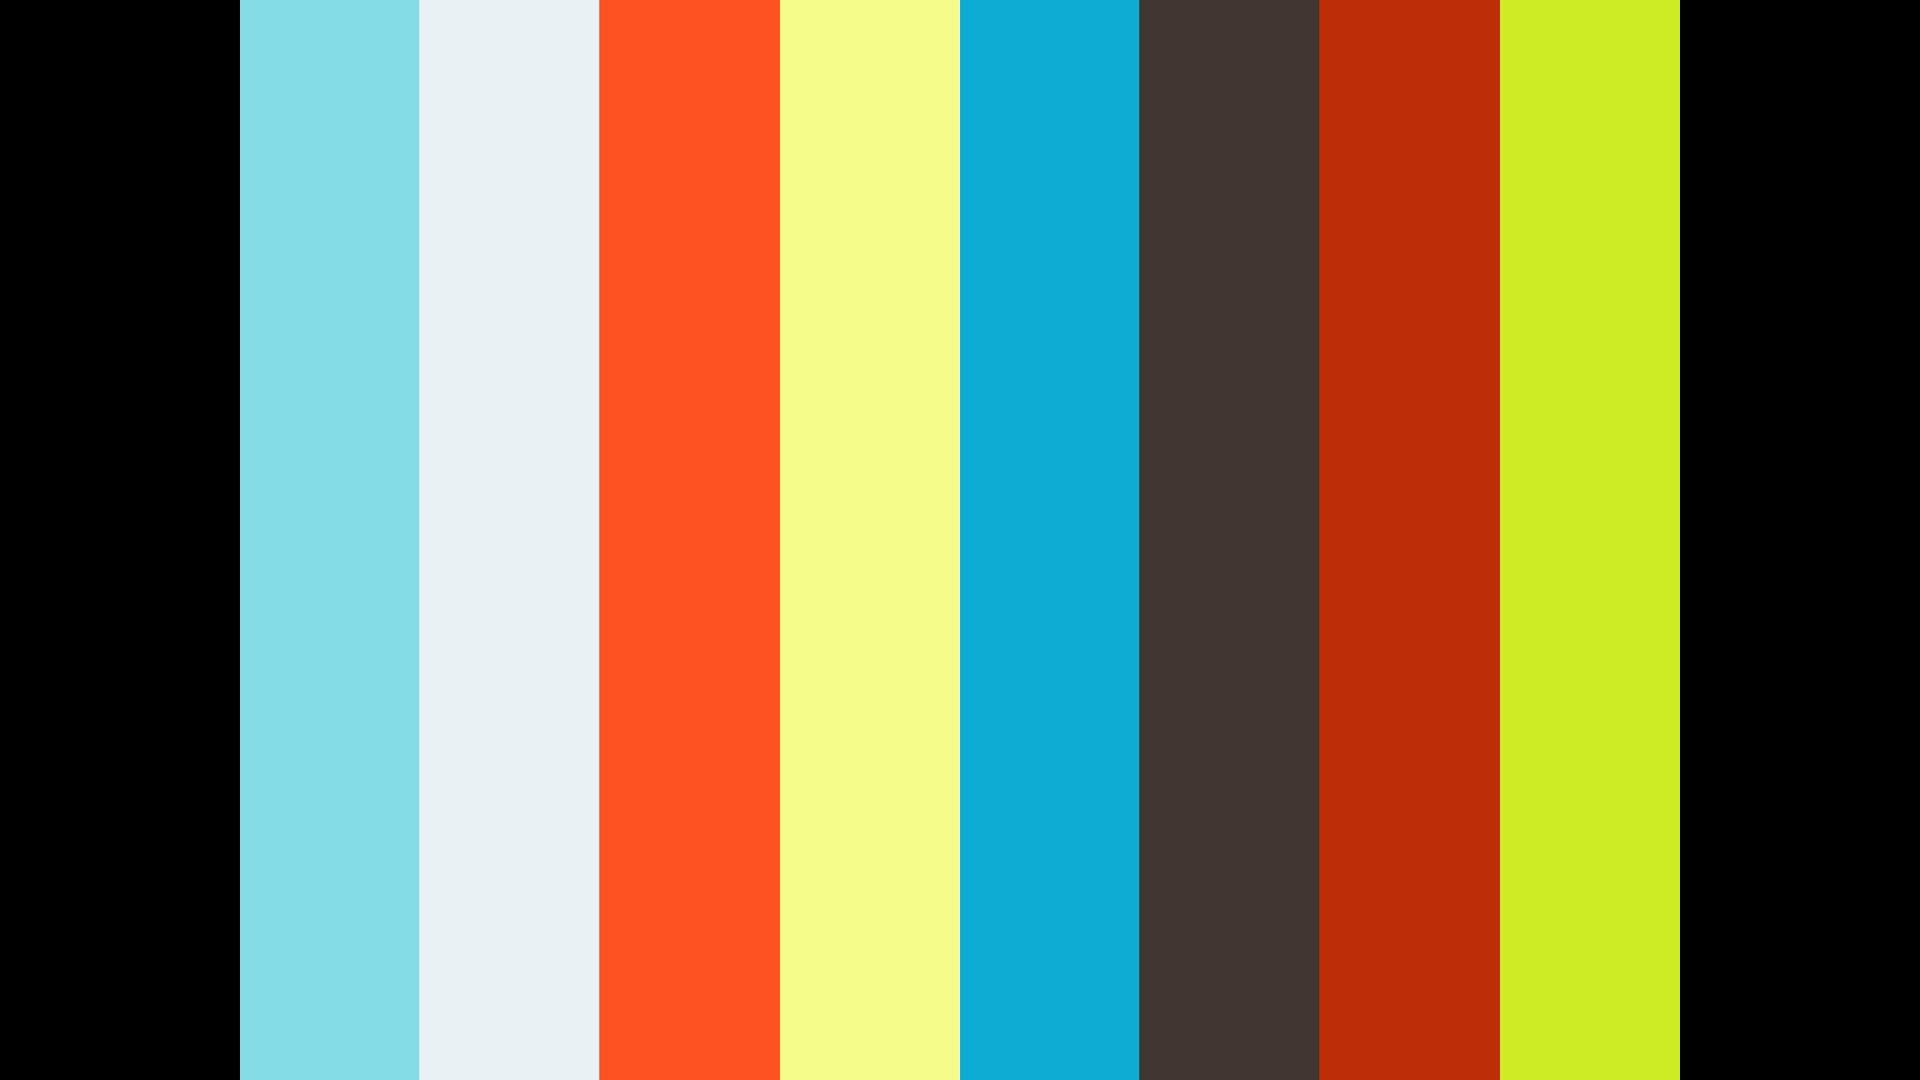 IPCNA-eveLAST 01 mp4